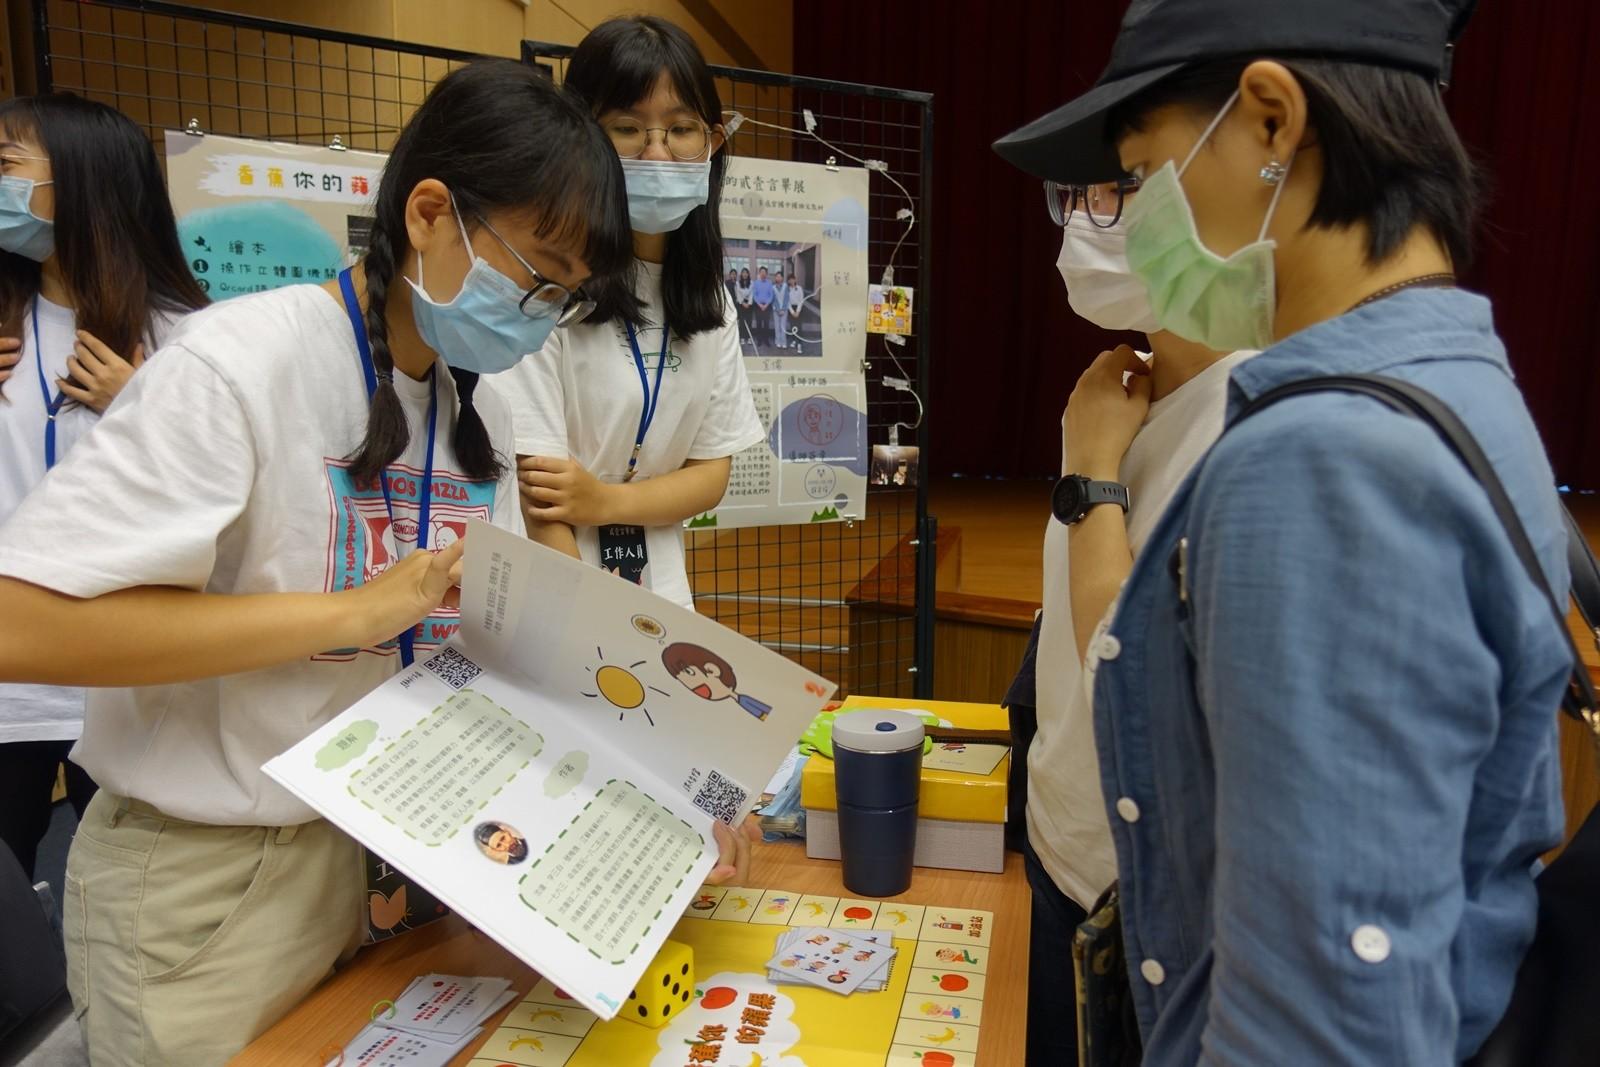 特教系第21屆畢業展,學生製作教材結合點字功能,幫助視障學生閱讀及學習。.JPG